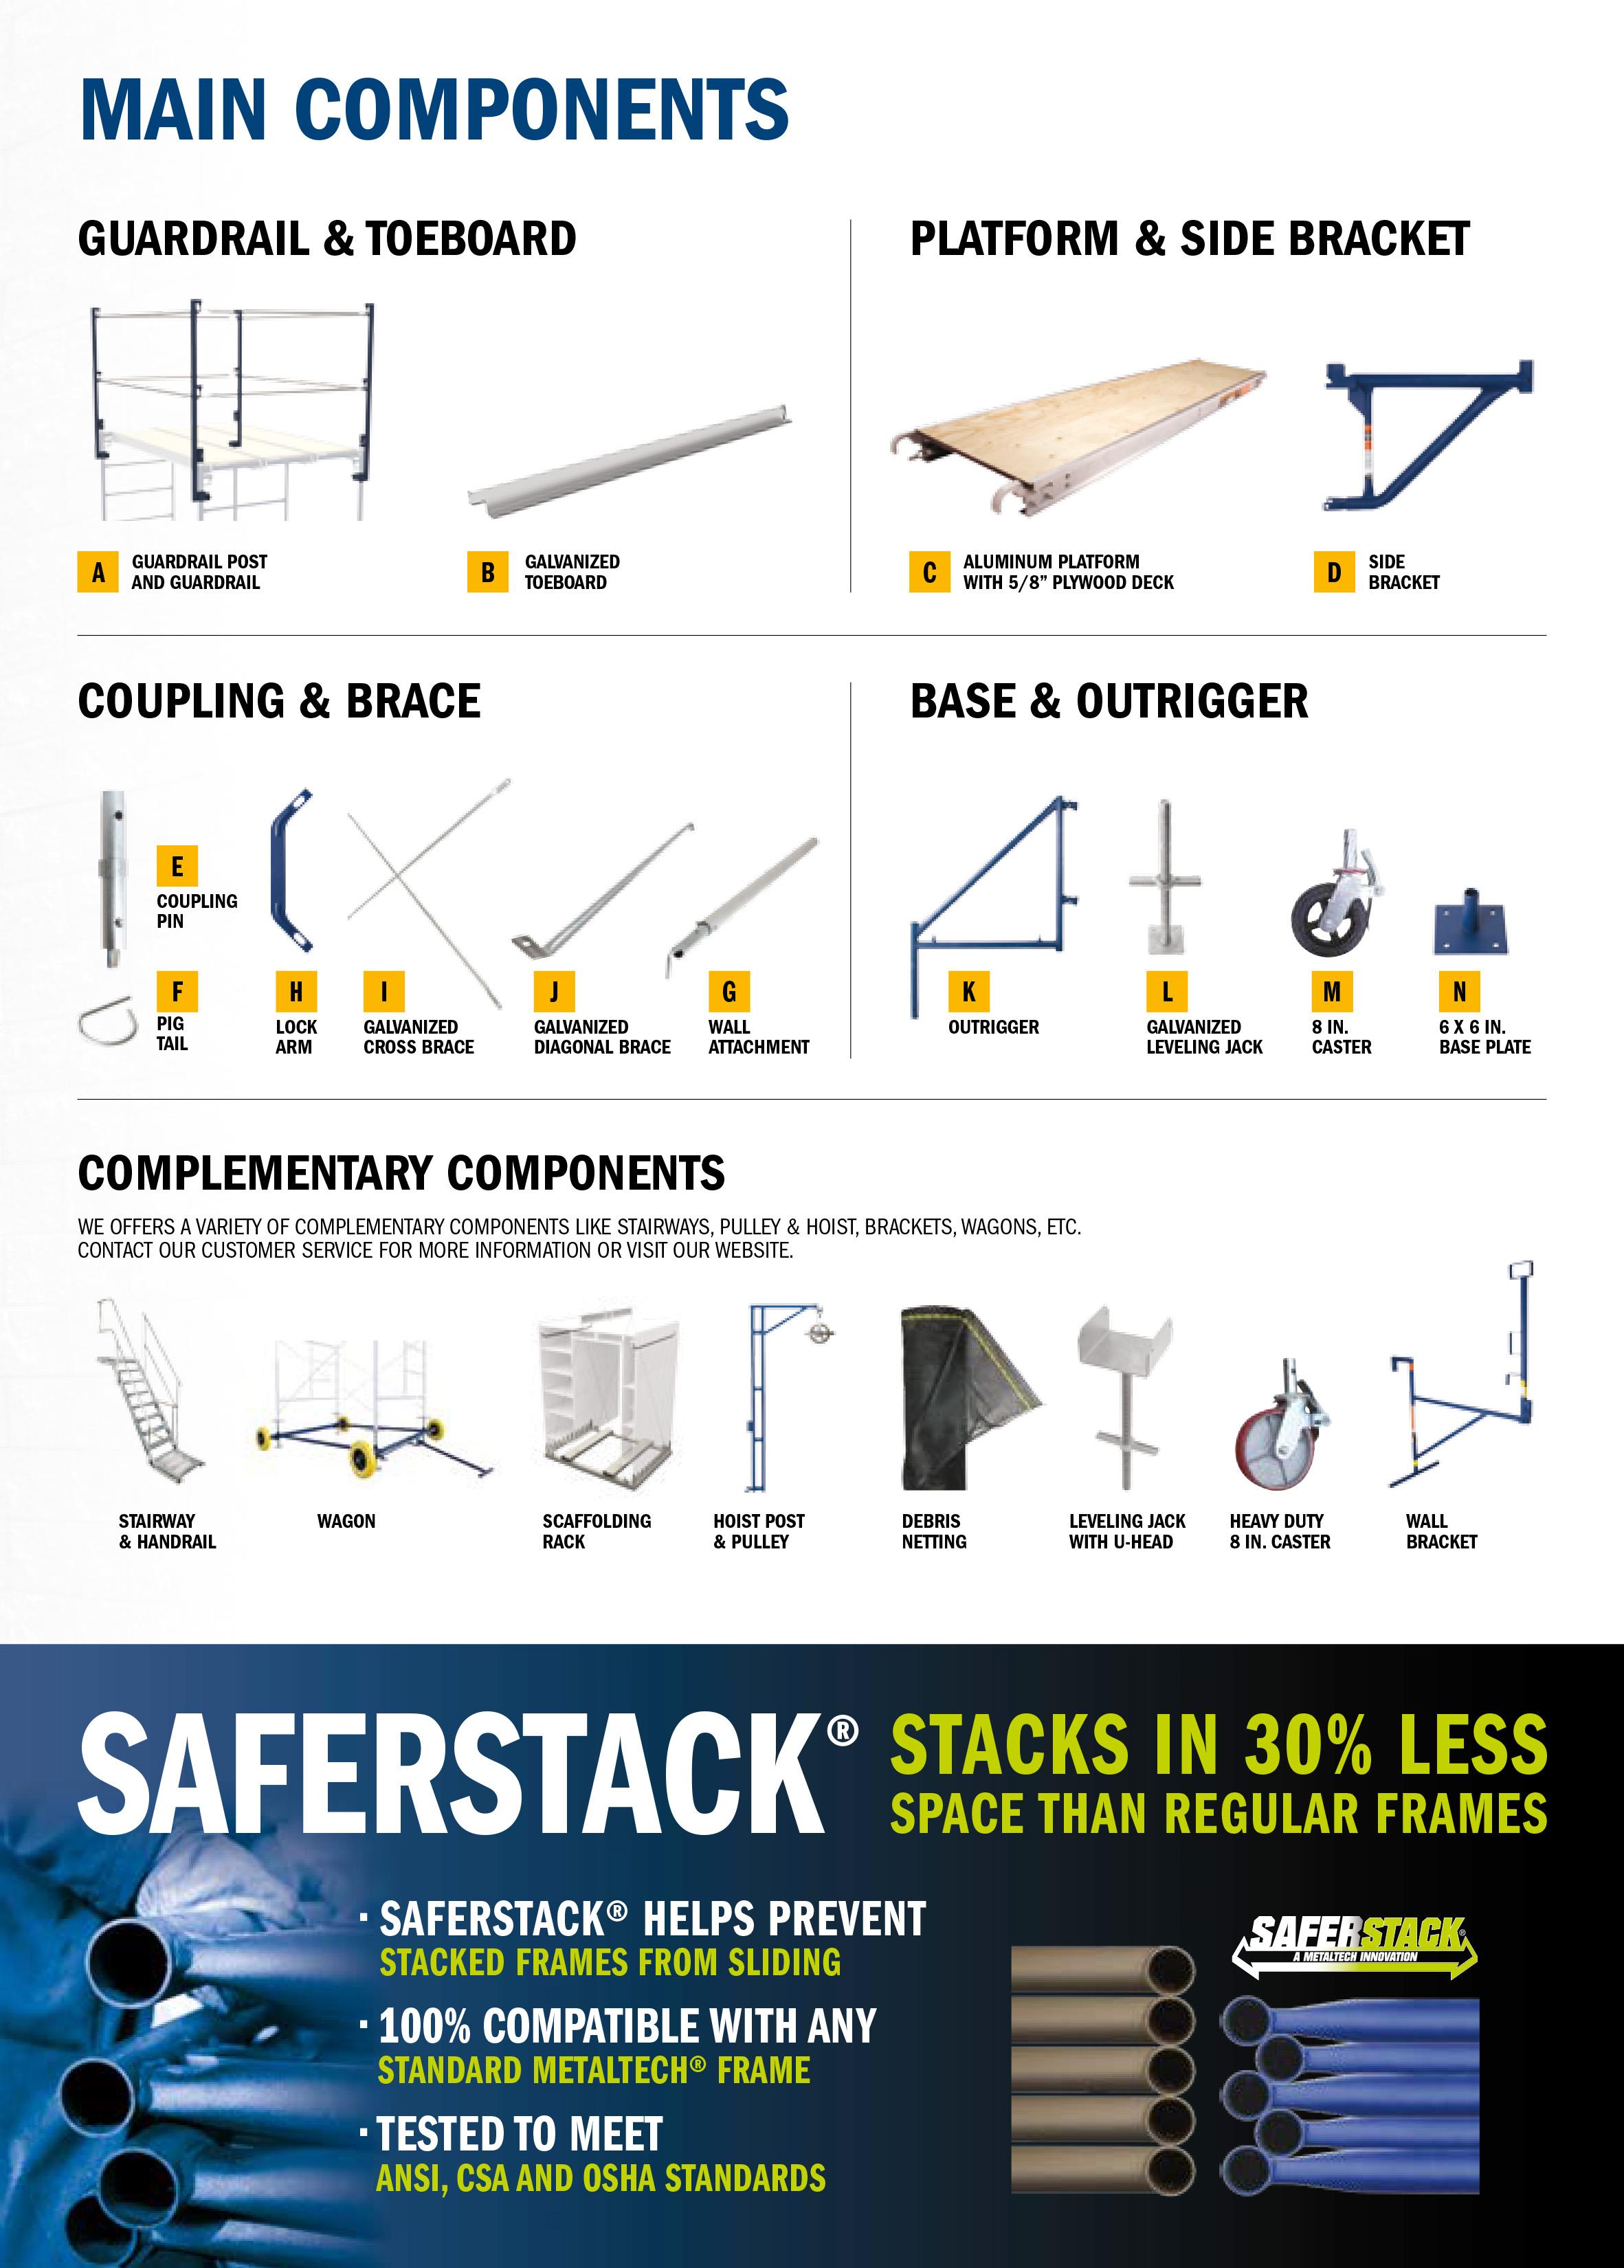 metaltech-exterior-scaffolding-a5.jpg